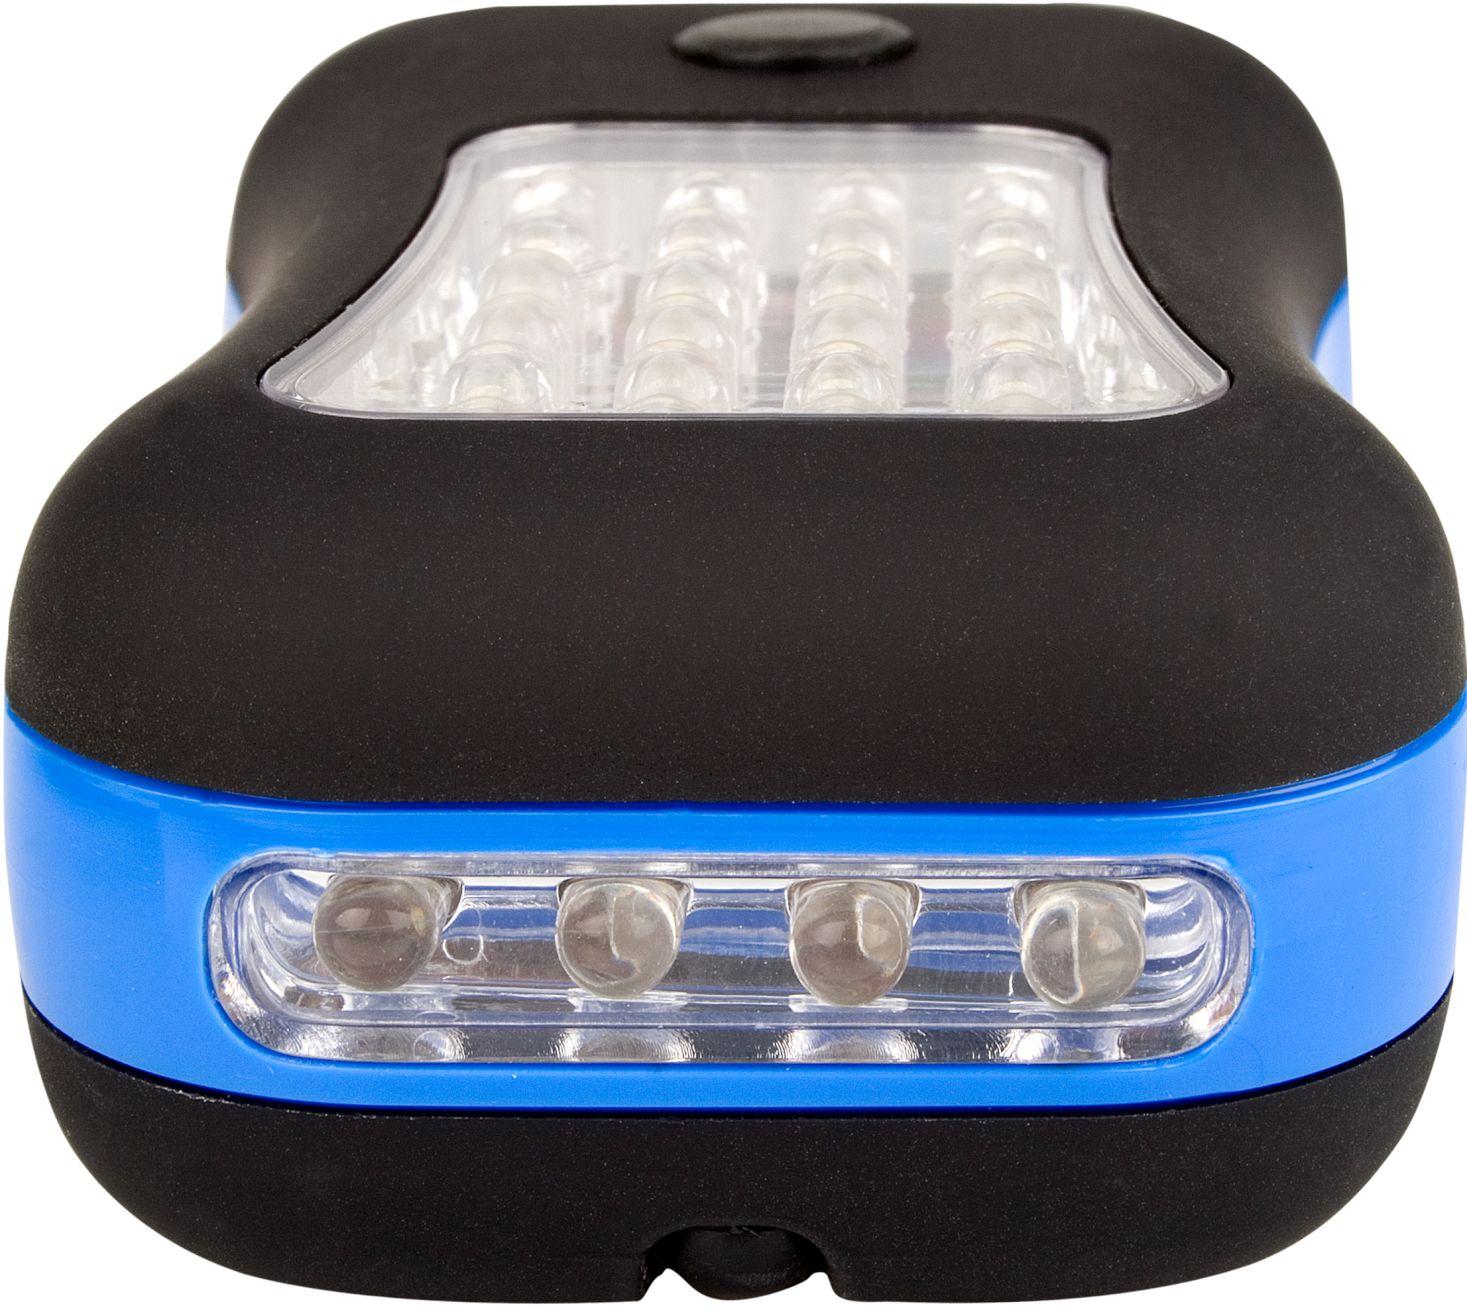 Lanterna Camping Led Light 2-in-1